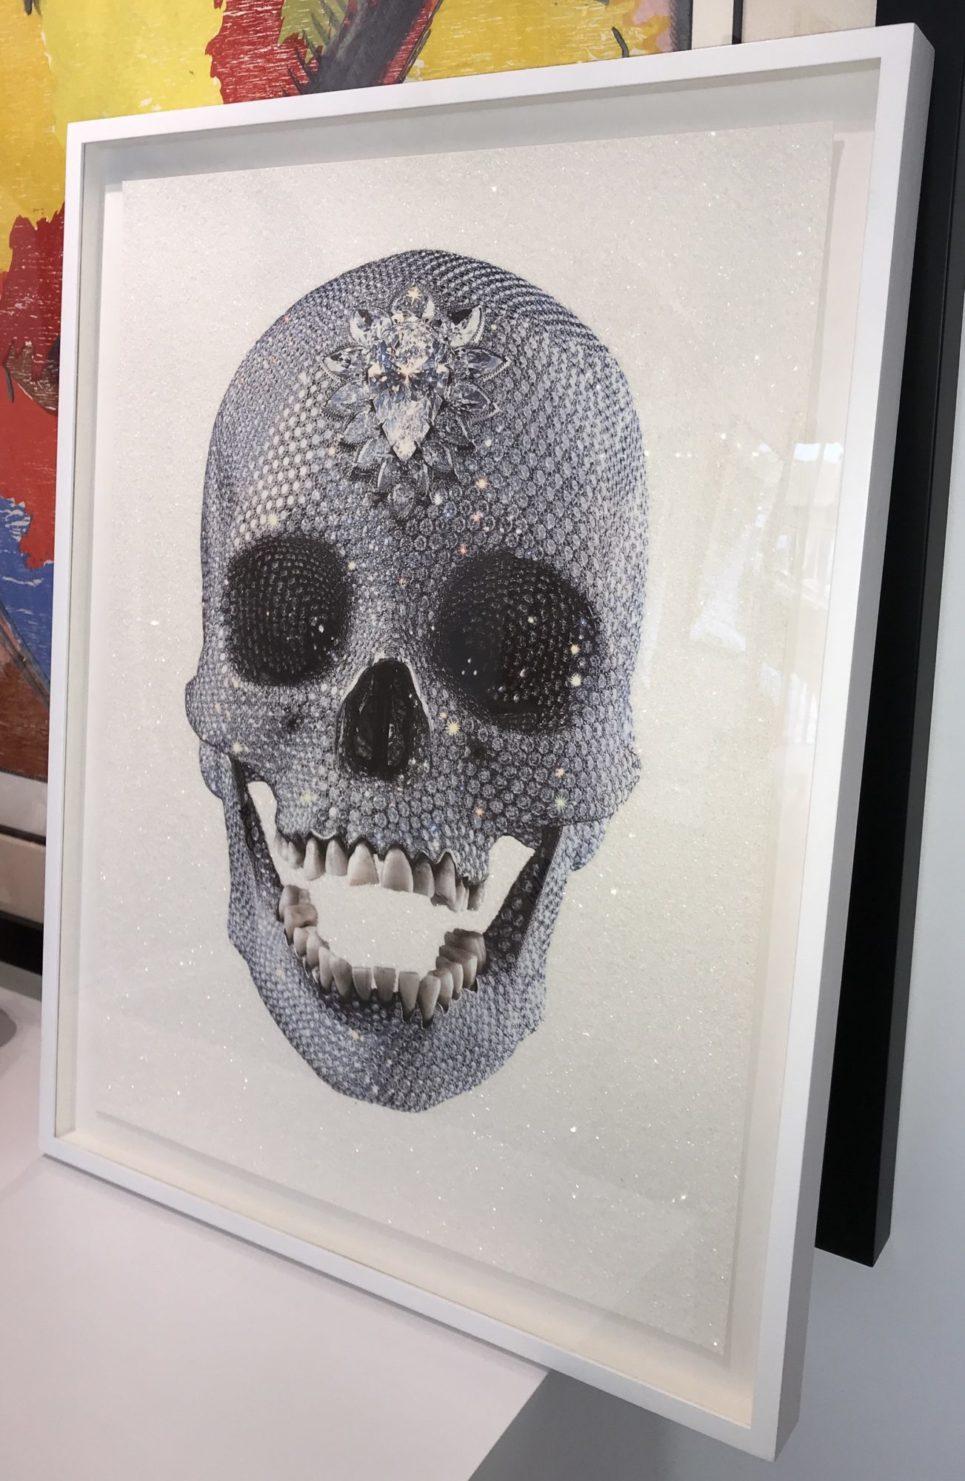 damien-hirst-for-the-love-of-god-white-framed